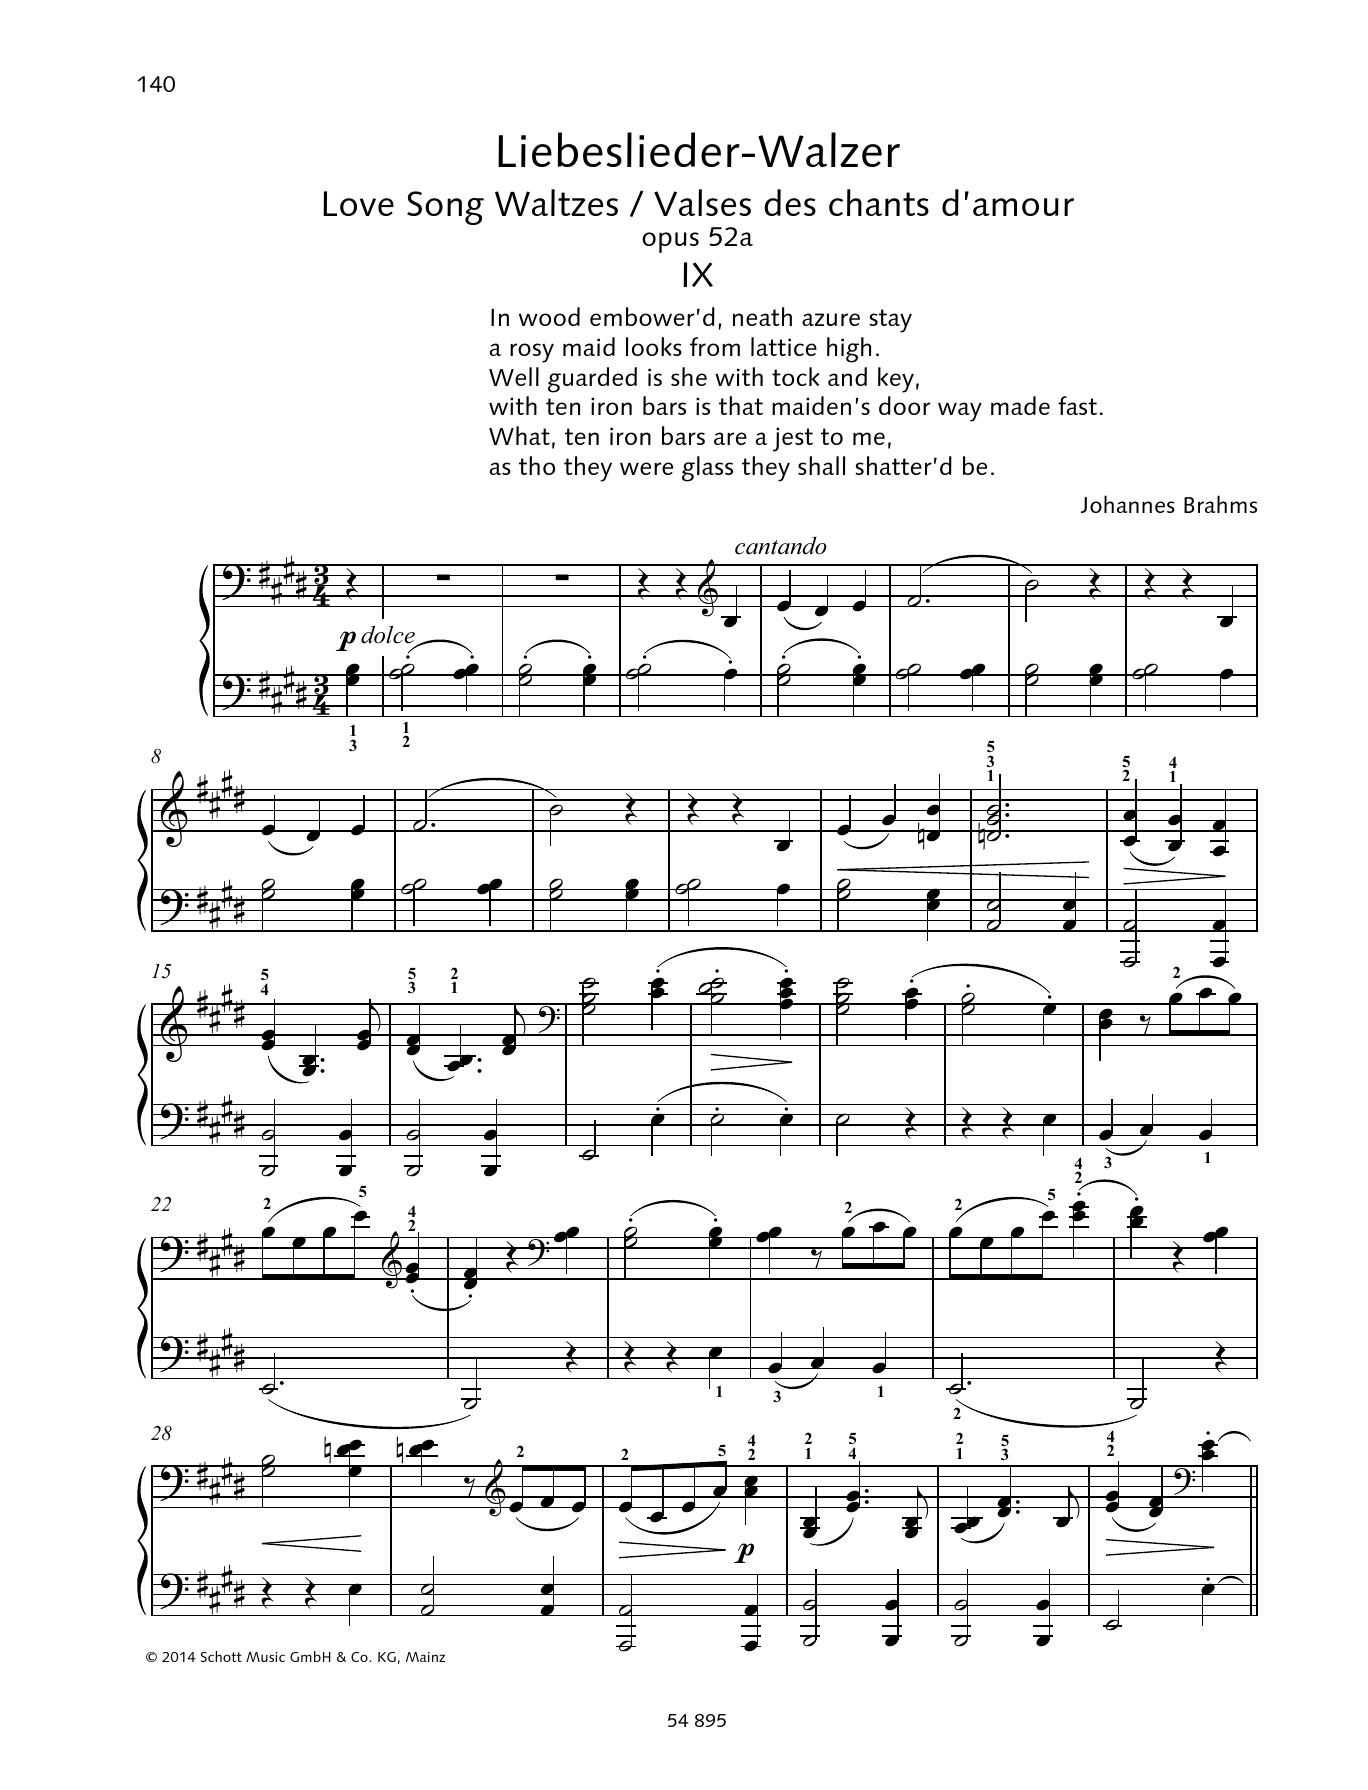 Love Song Waltzes Sheet Music